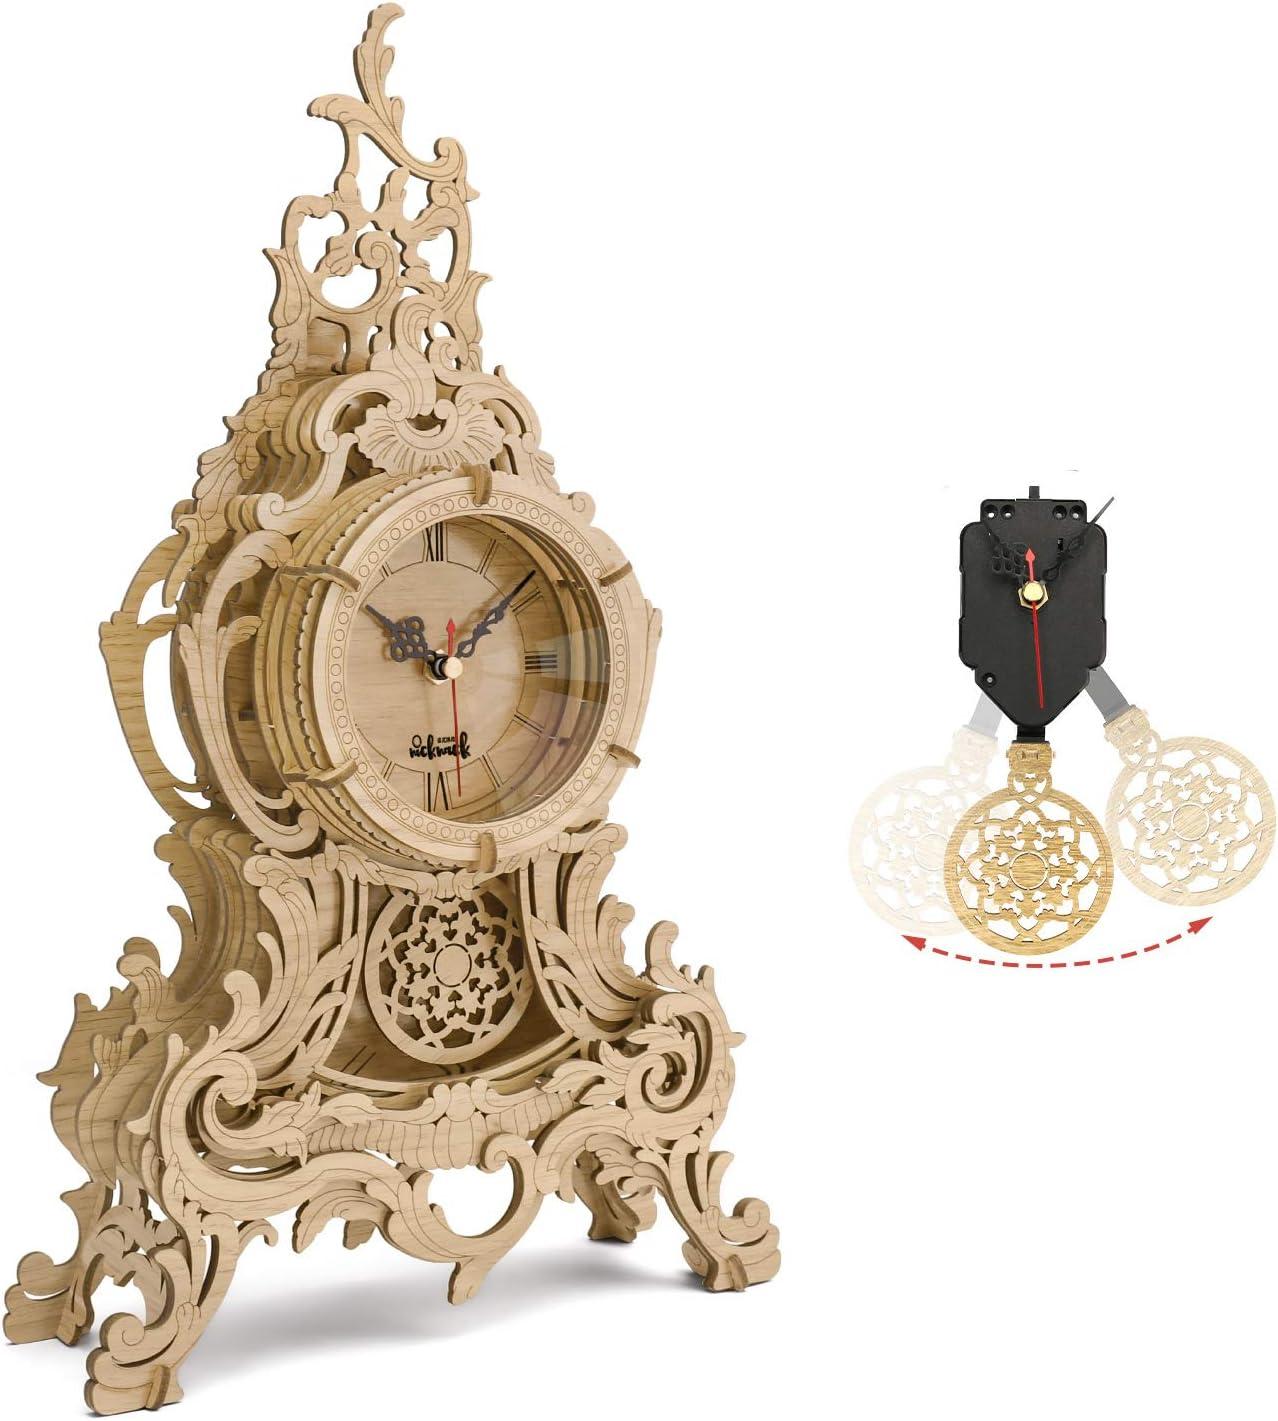 nicknack 3D Reloj de péndulo de Rompecabezas, Kits de Modelos con Corte láser, Modelos Construcción 3D Puzzle Kit para Adultos y Adolescentes